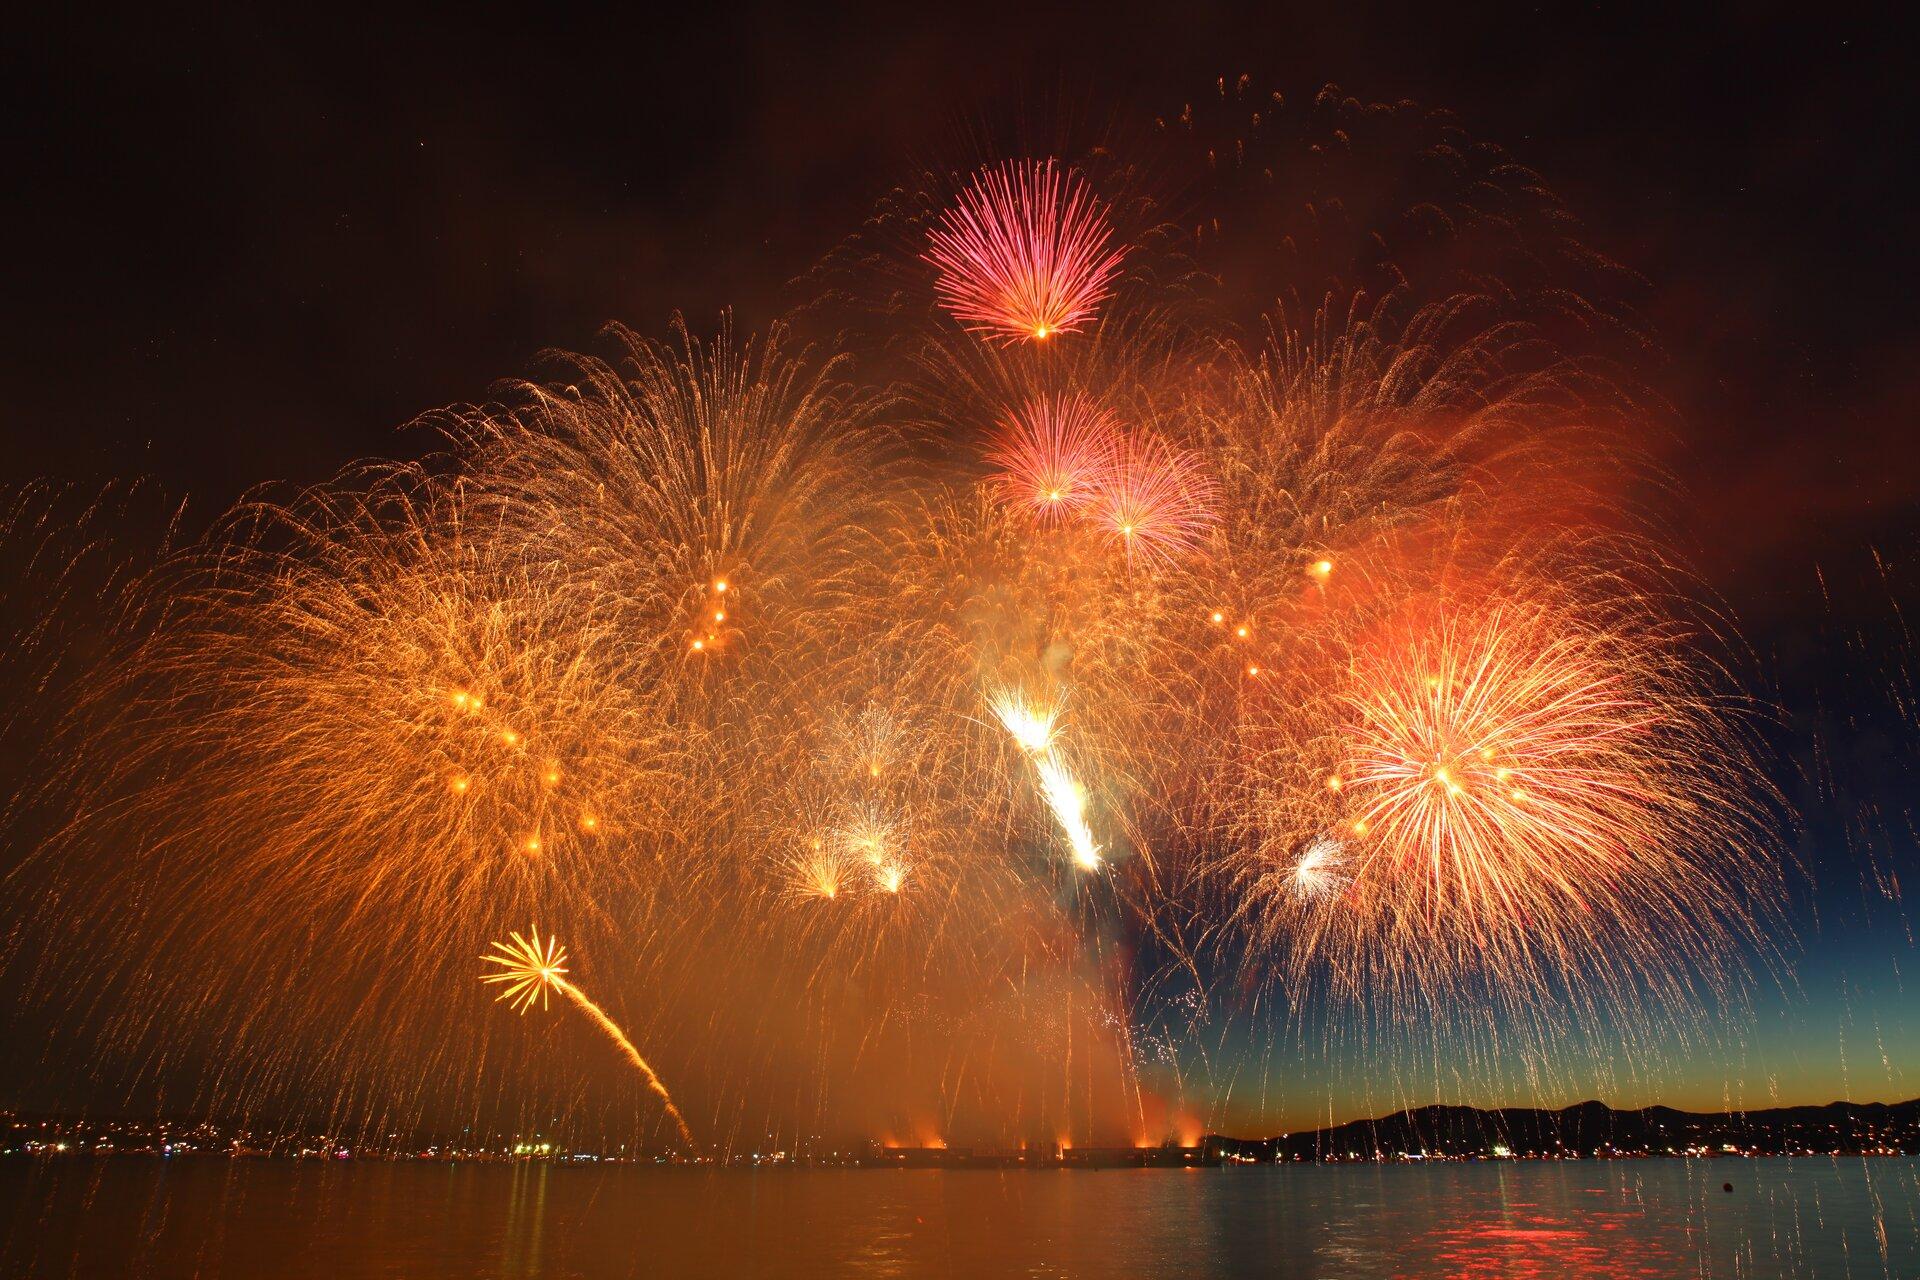 Zdjęcie przedstawia nocne niebo nad miastem leżącym nad jeziorem lub brzegiem morza ibardzo efektowny pokaz fajerwerków.